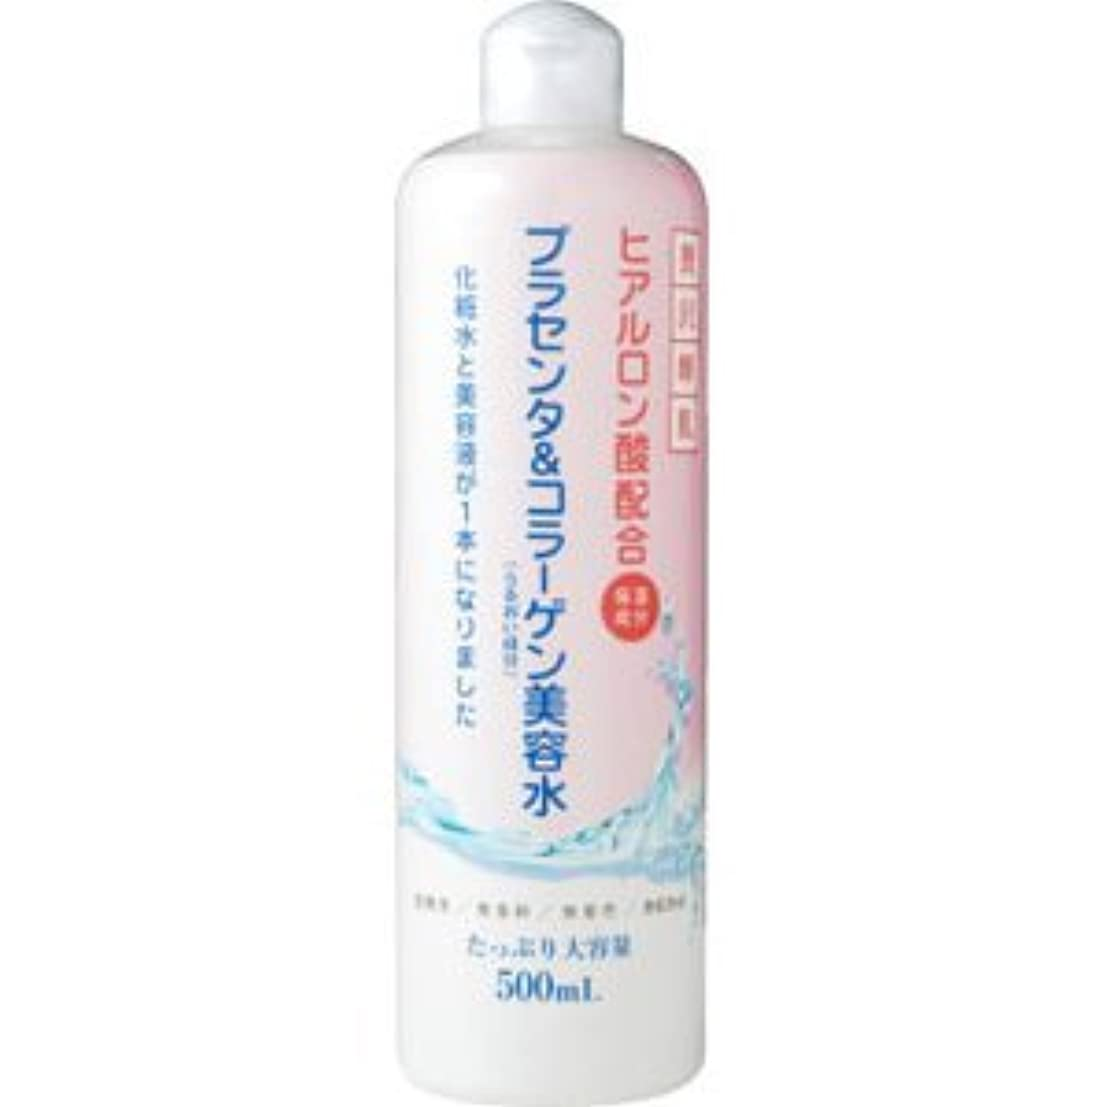 してはいけない理由偽造化粧水?美容液がこの1本!大容量サイズ?低価格『贅沢輝肌 美容水』 (プラセンタ&コラーゲン)